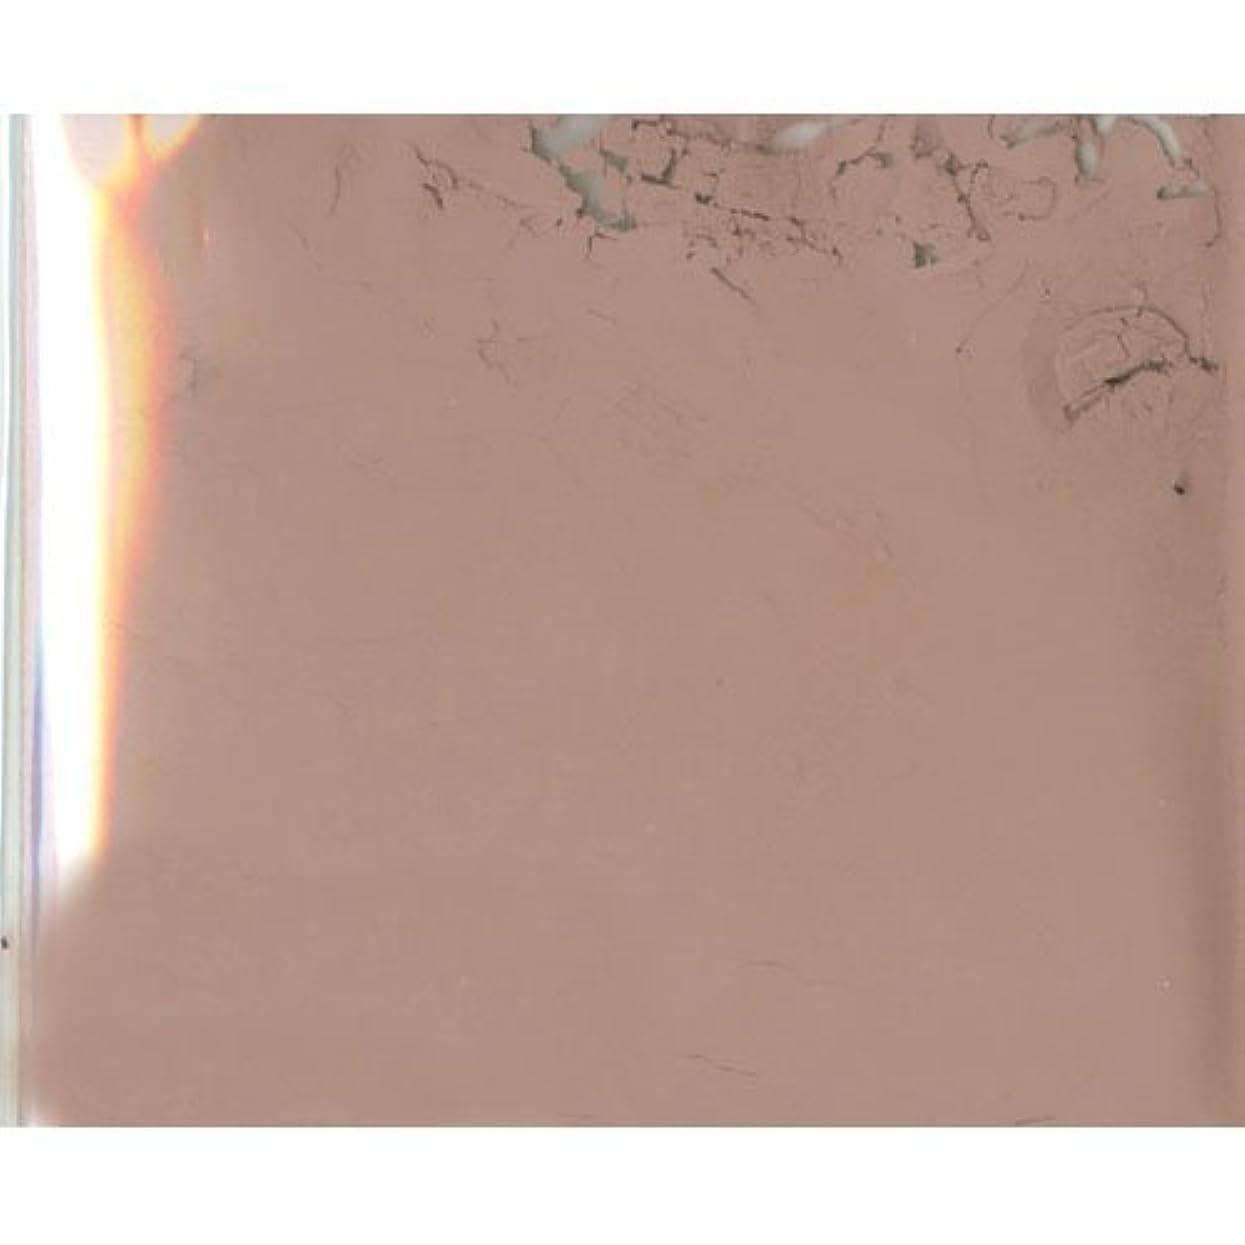 独裁者キャリッジアプトピカエース ネイル用パウダー ピカエース カラーパウダー 透明顔料 #985 チョコレートブラウン 2g アート材